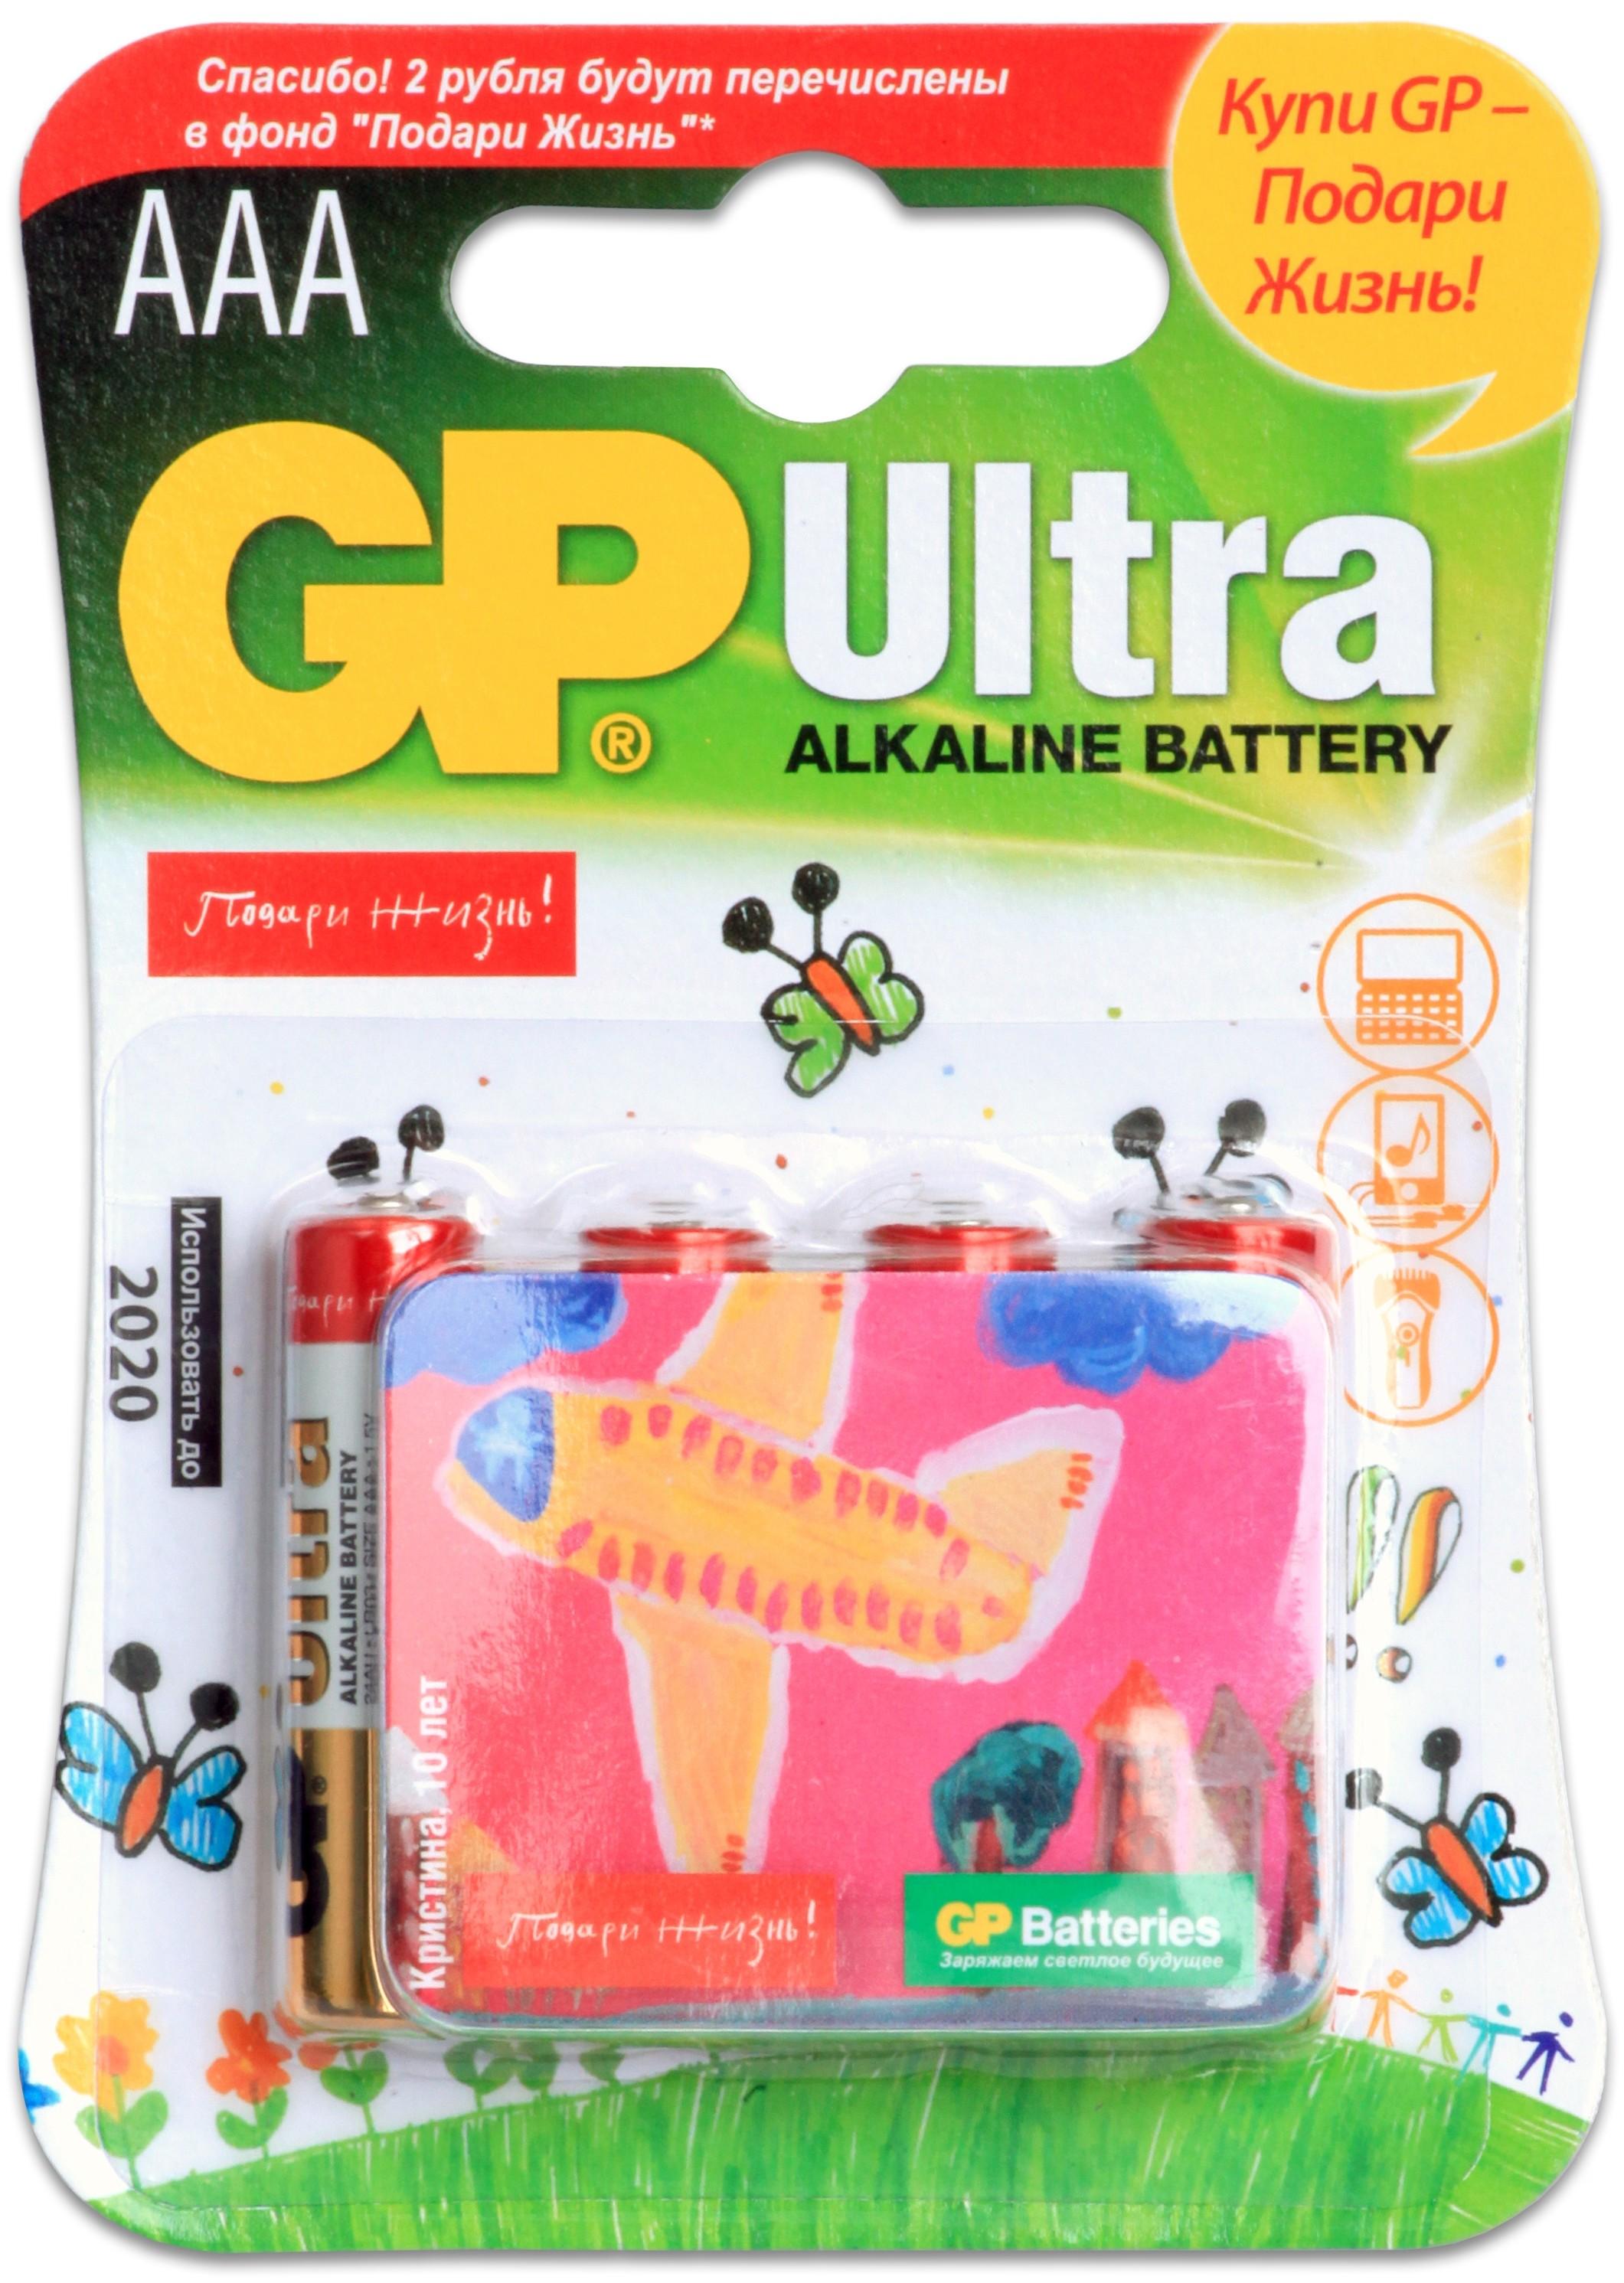 Элементы питания GP Ultra ААА алкалиновые 4 шт. + магнит - Элементы питания